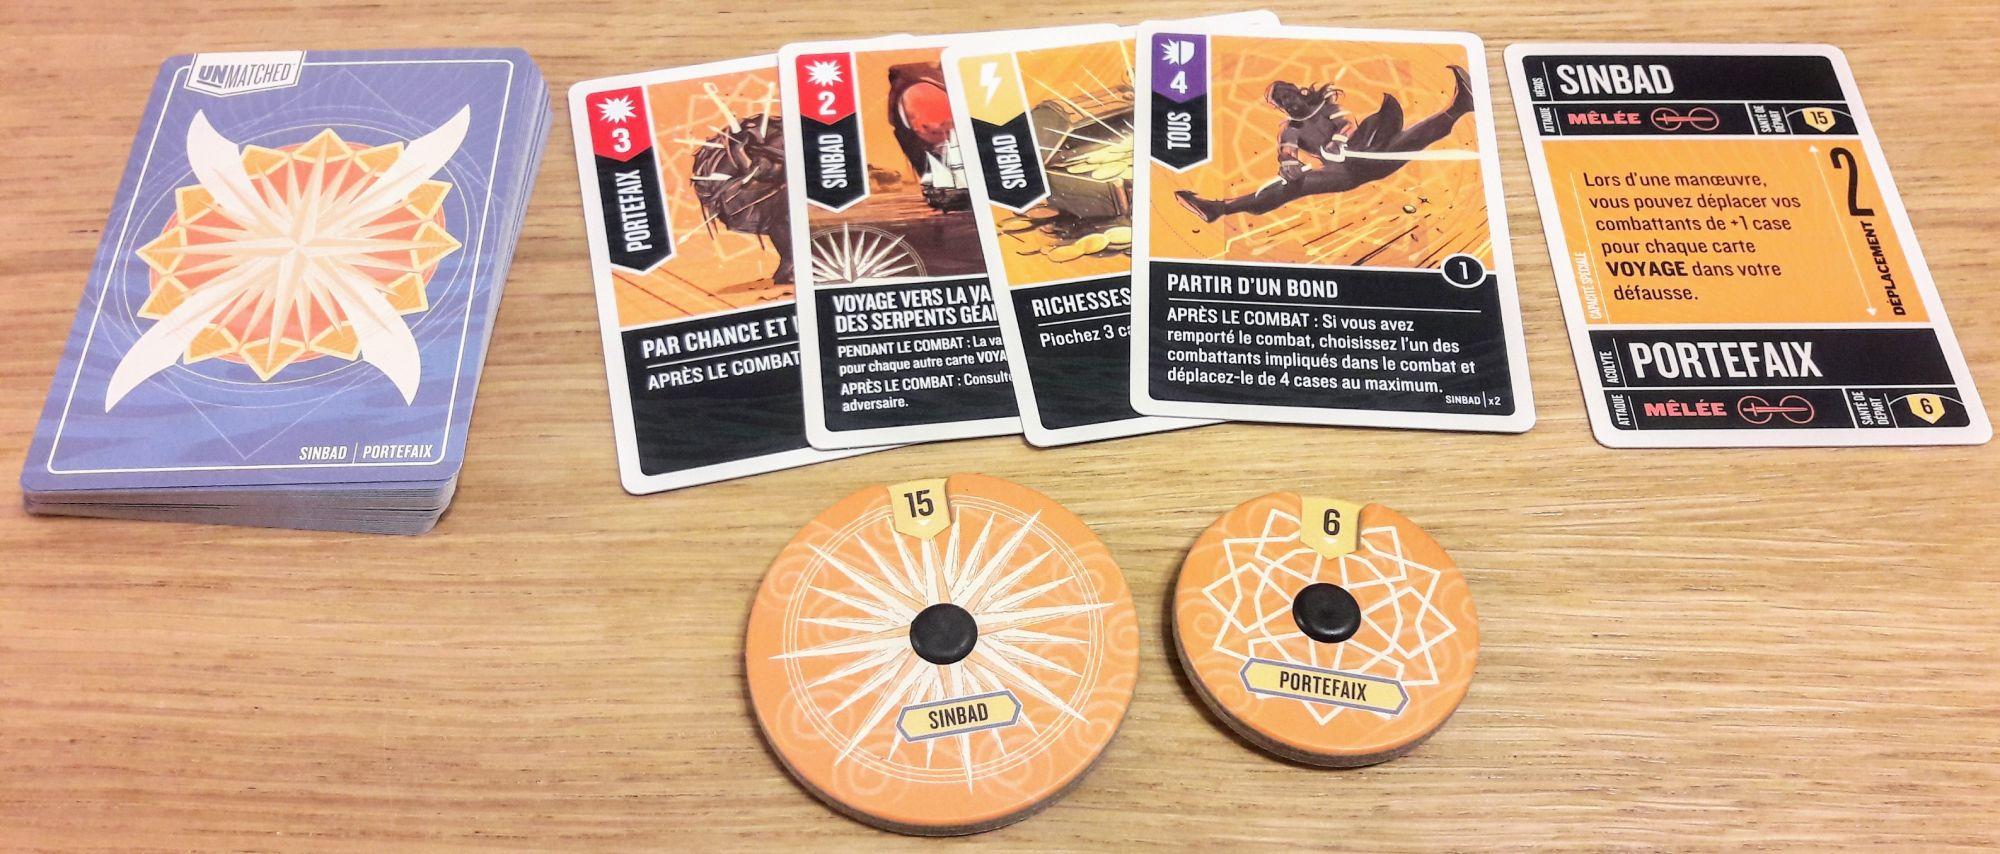 Le thème du voyage et de l'aventure de Simbad est bien représenté dans les cartes avec beaucoup de flexibilité.